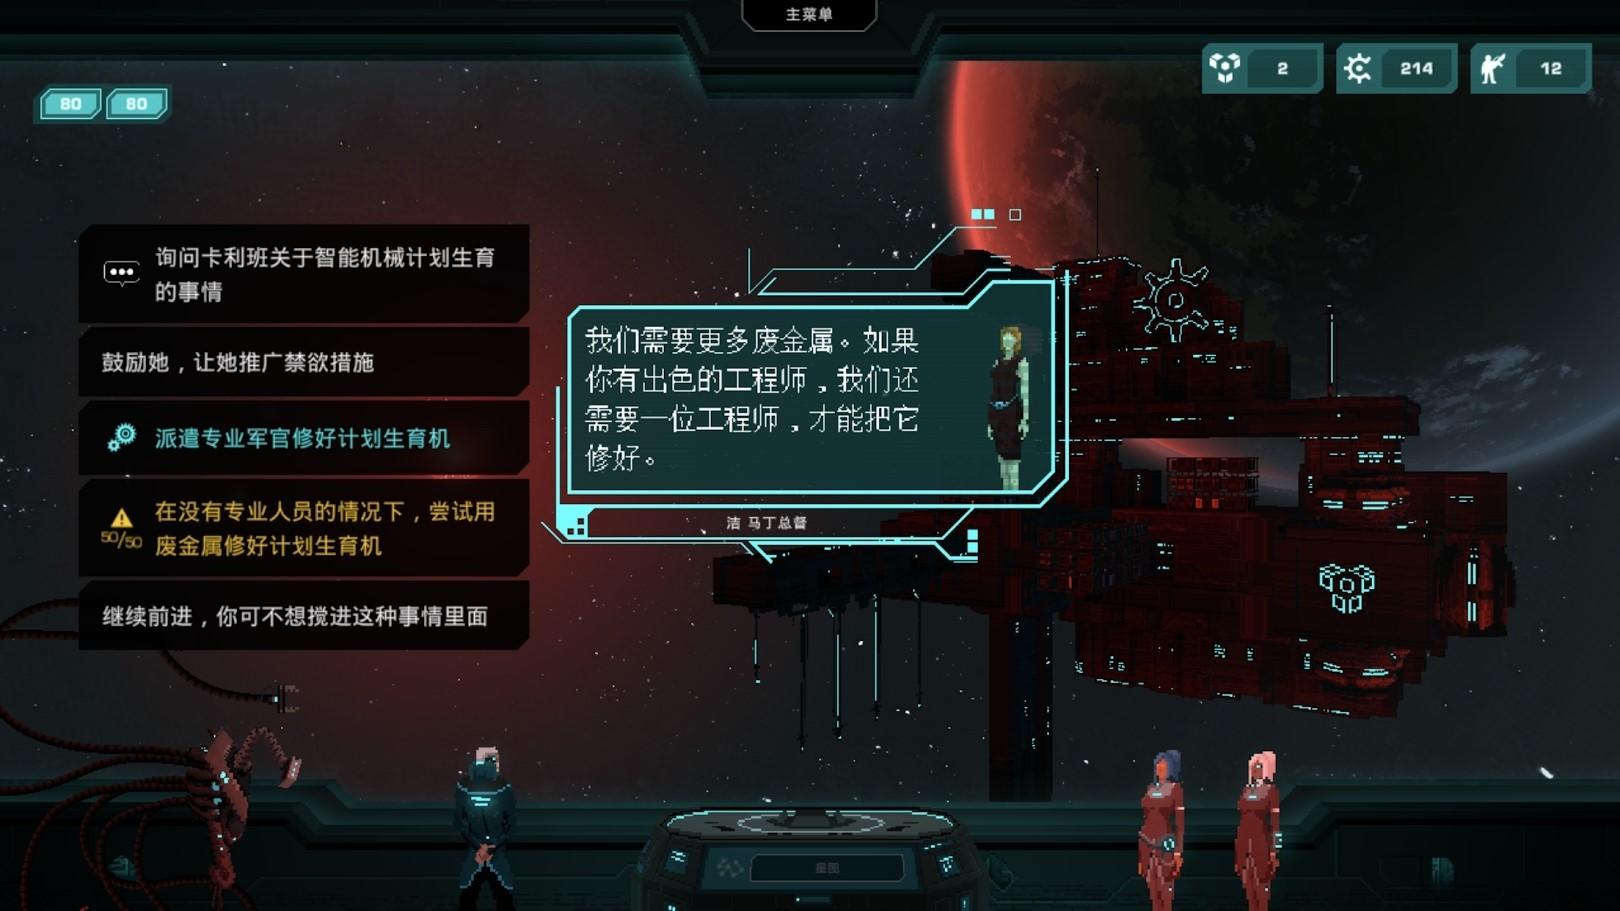 哀恸之日解锁舰船手机版